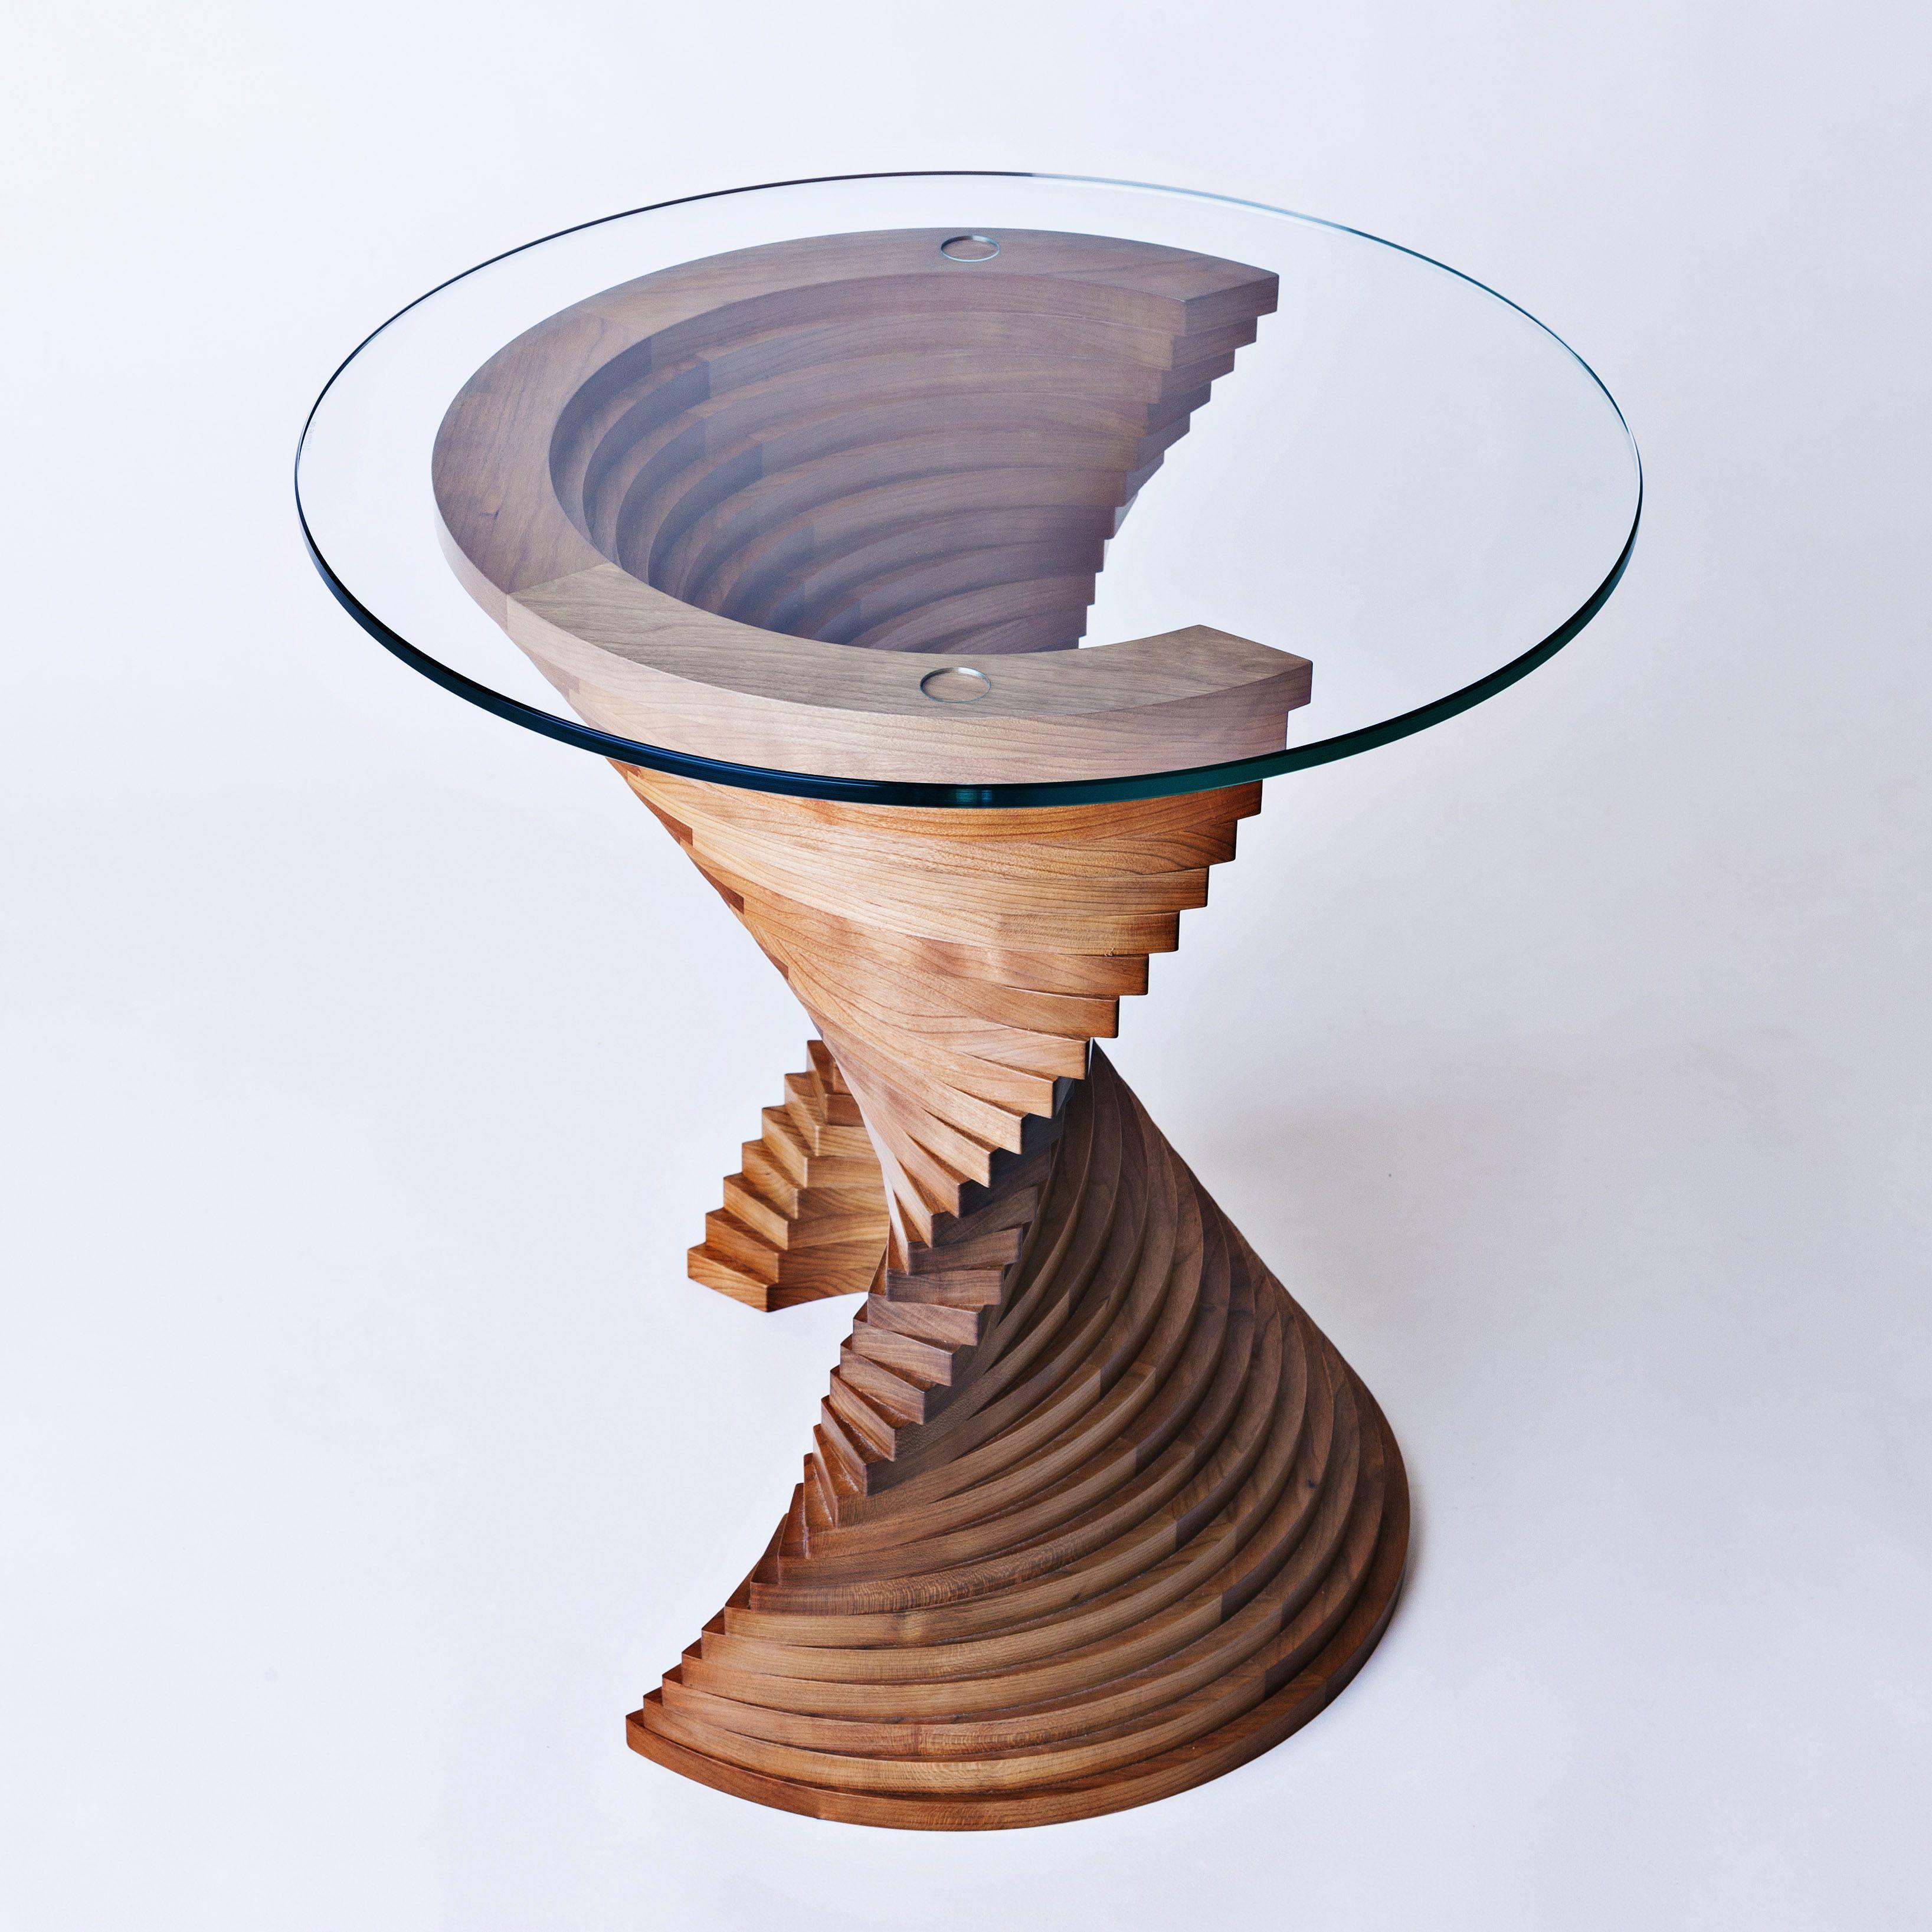 Aguaviva sculptural side table by David Tragen | Furniture ...